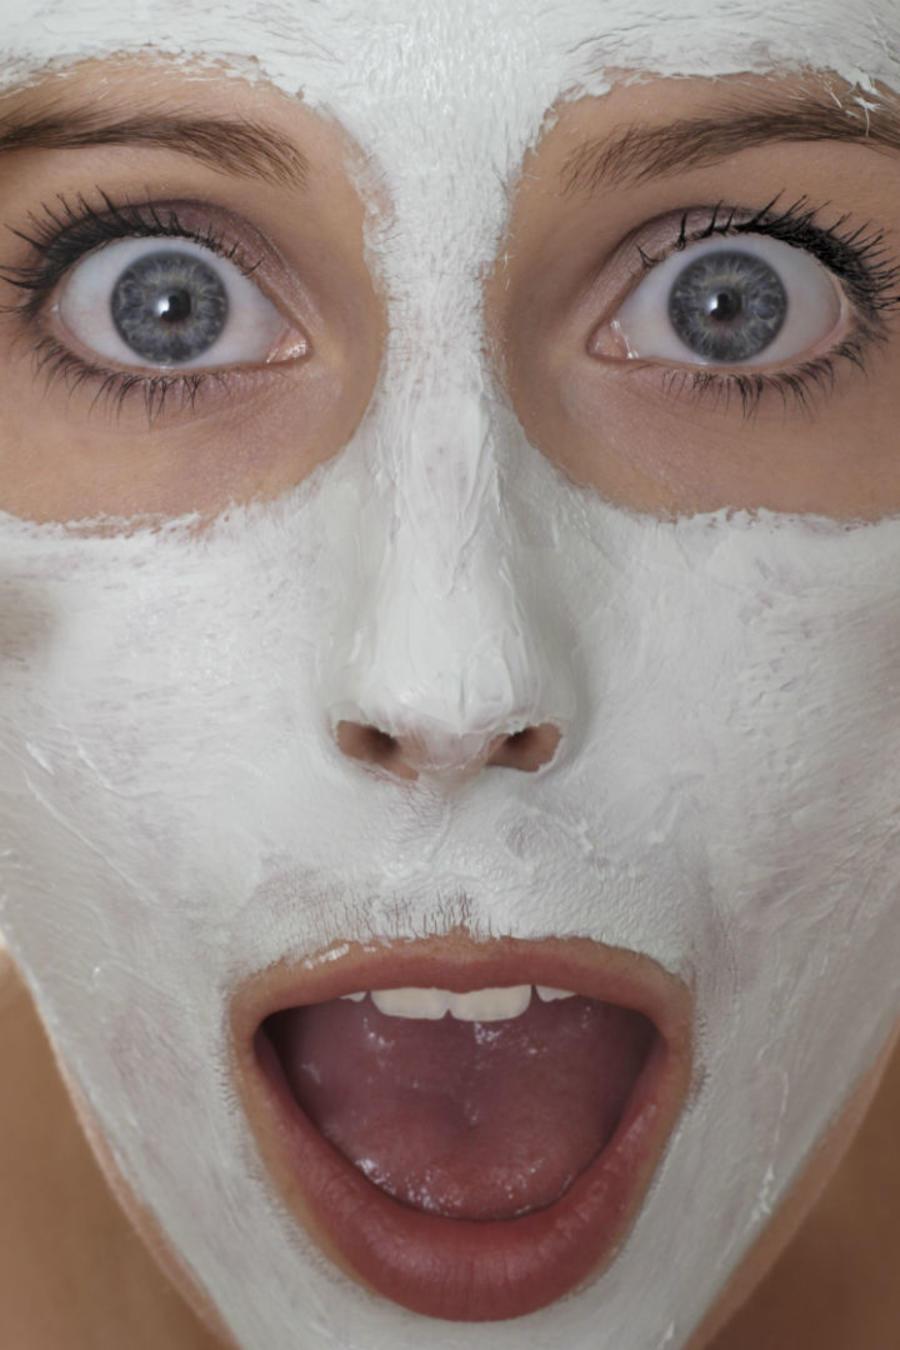 Mujer sorprendida con una mascarilla facial